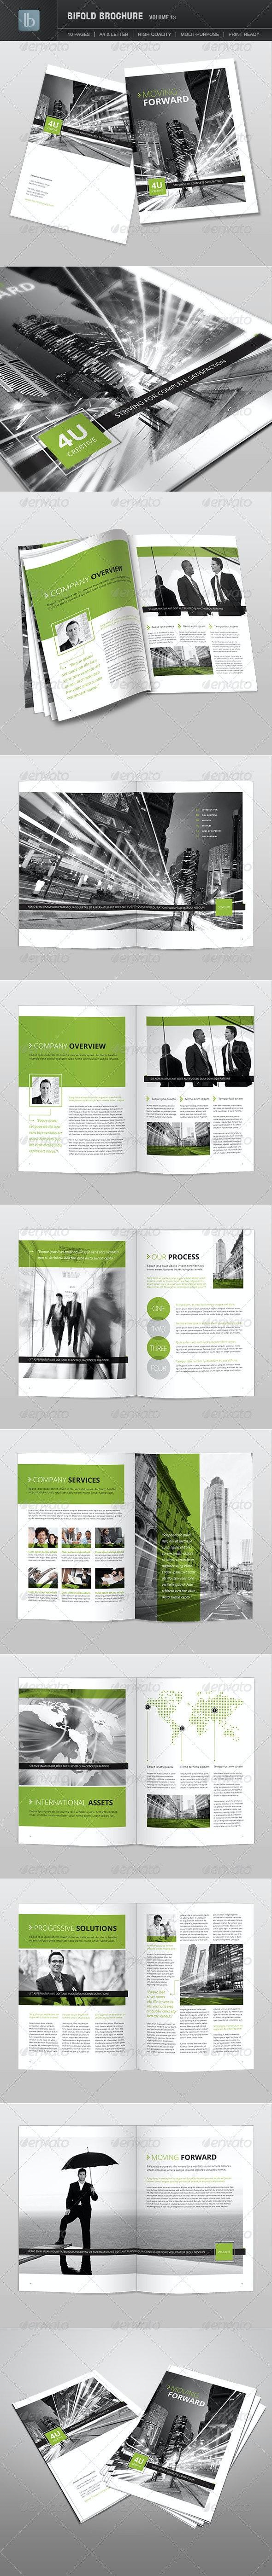 Bifold Brochure | Volume 13 - Brochures Print Templates